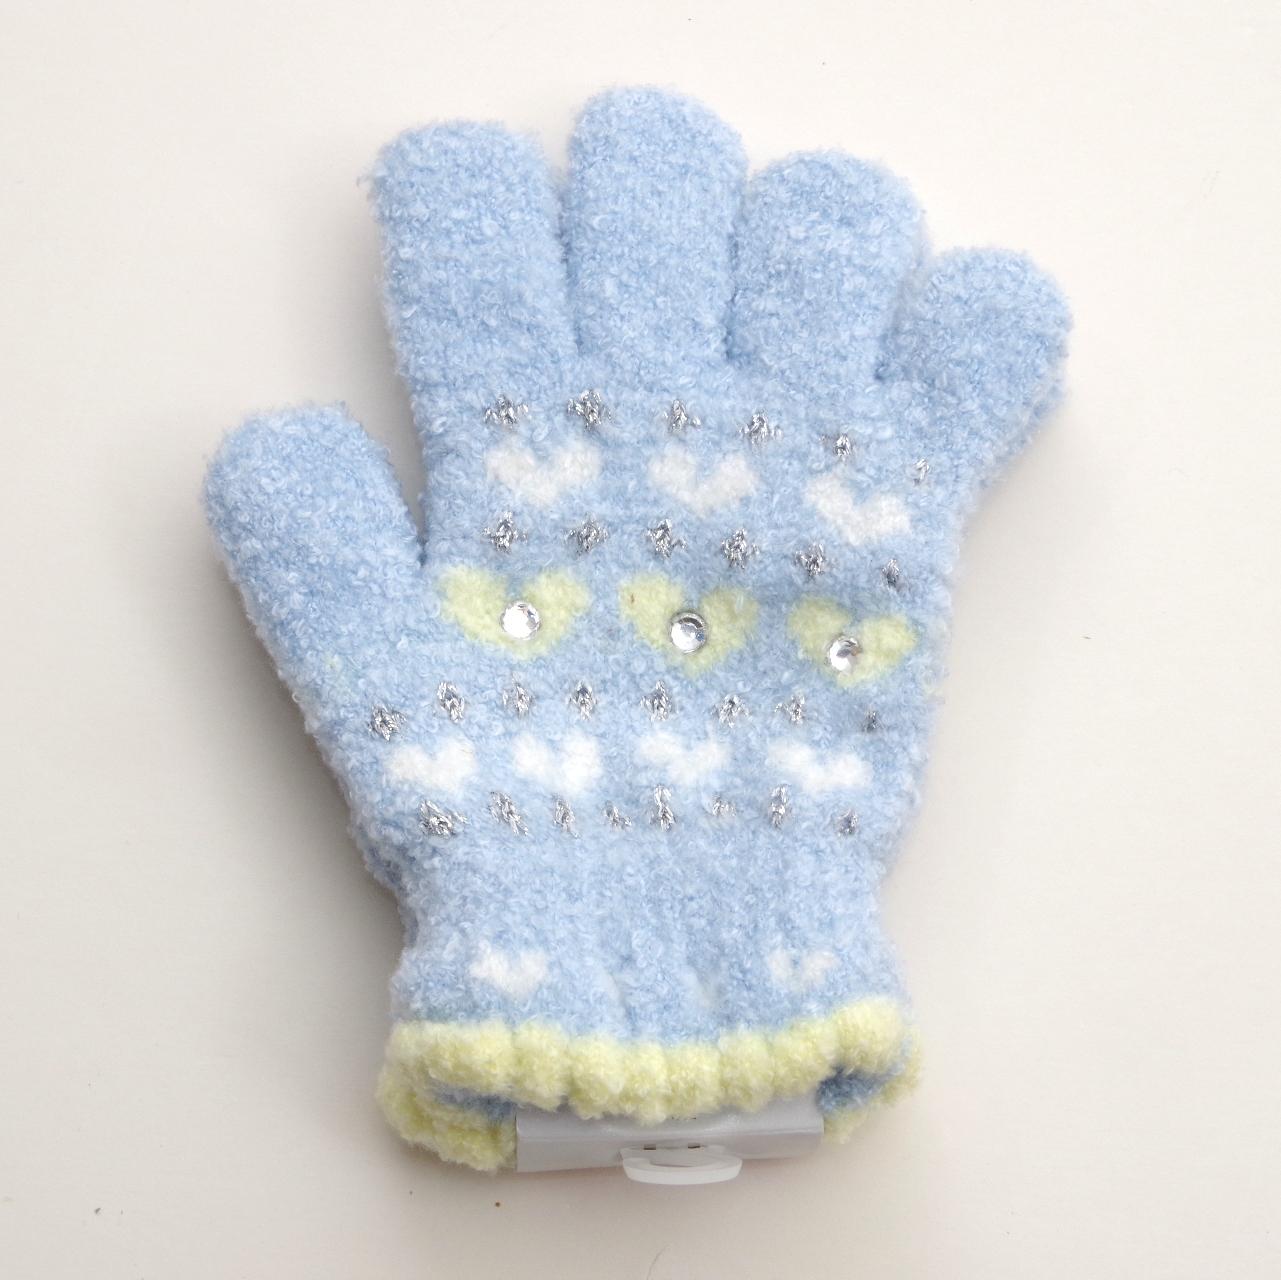 日本製  のびのび五指手袋 キッズ/ジュニア 15cm 3つキラキラ  (1610-1723)